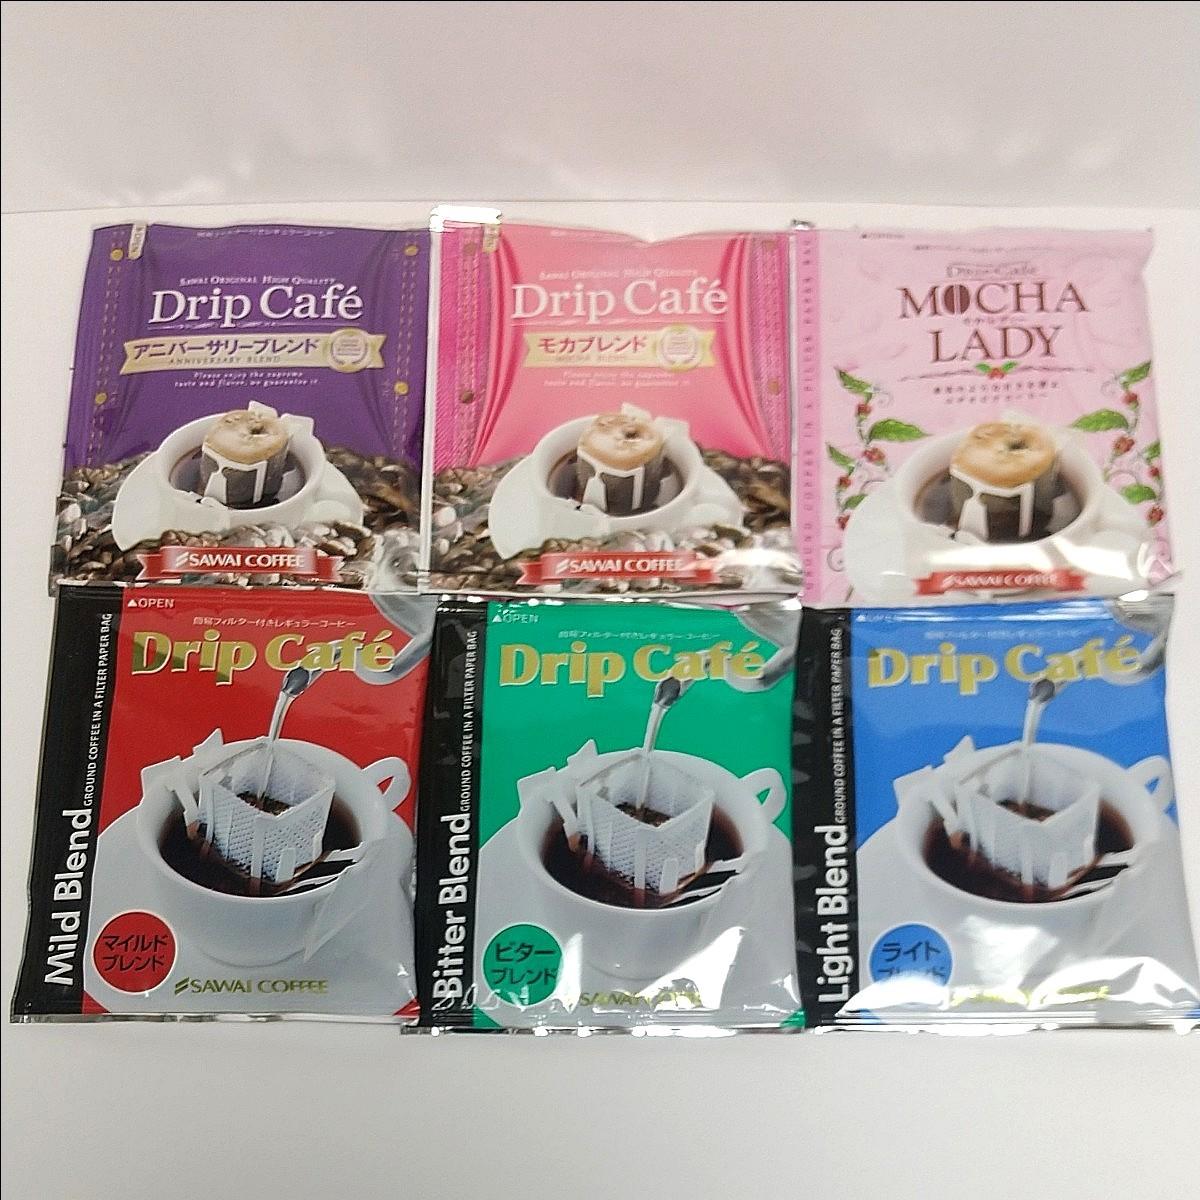 《澤井珈琲》ドリップバッグコーヒー お試しセット 6種類 12袋入り  D